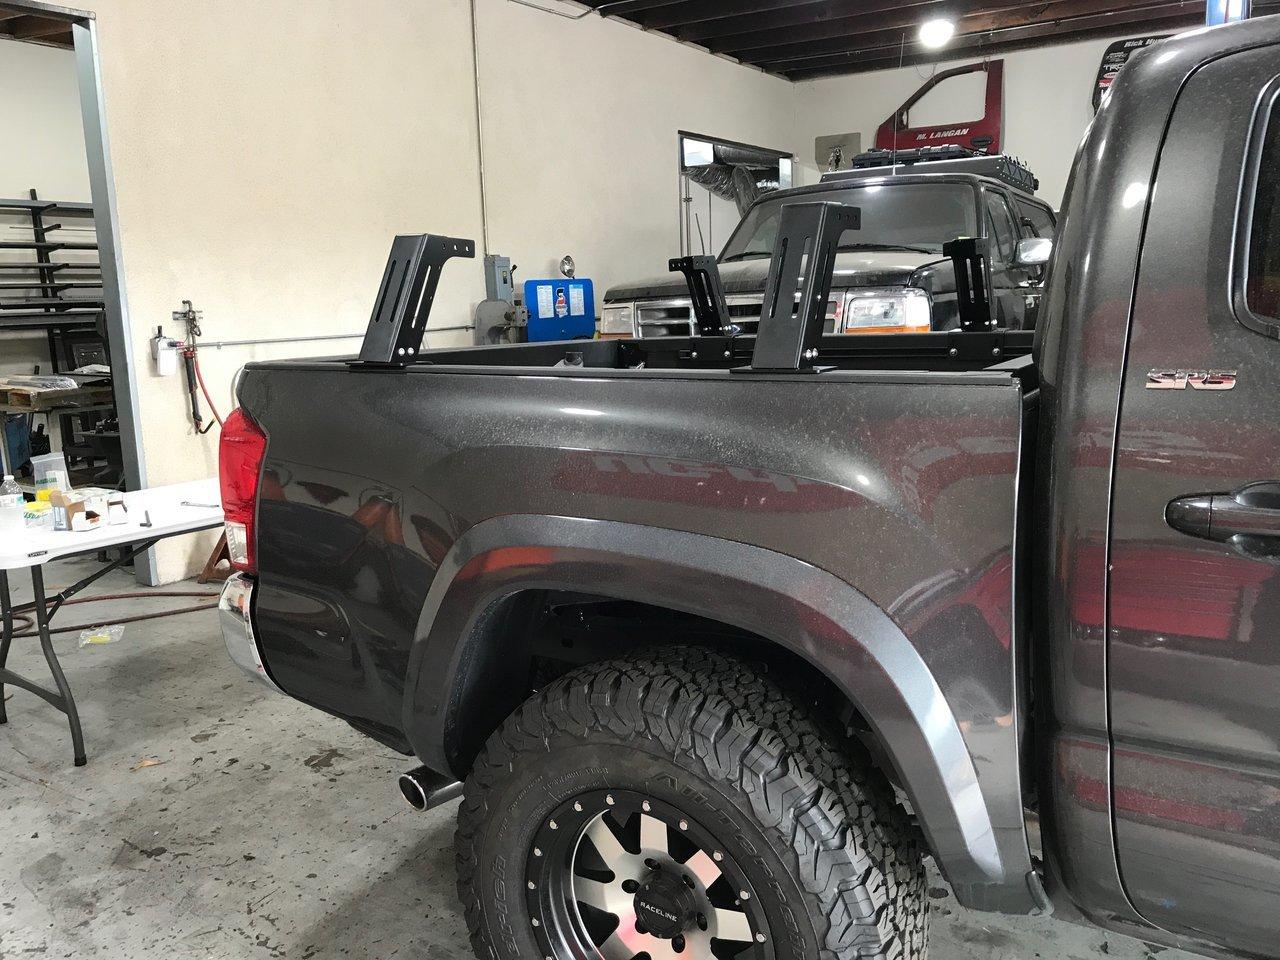 cali raised off road ultimate adventure